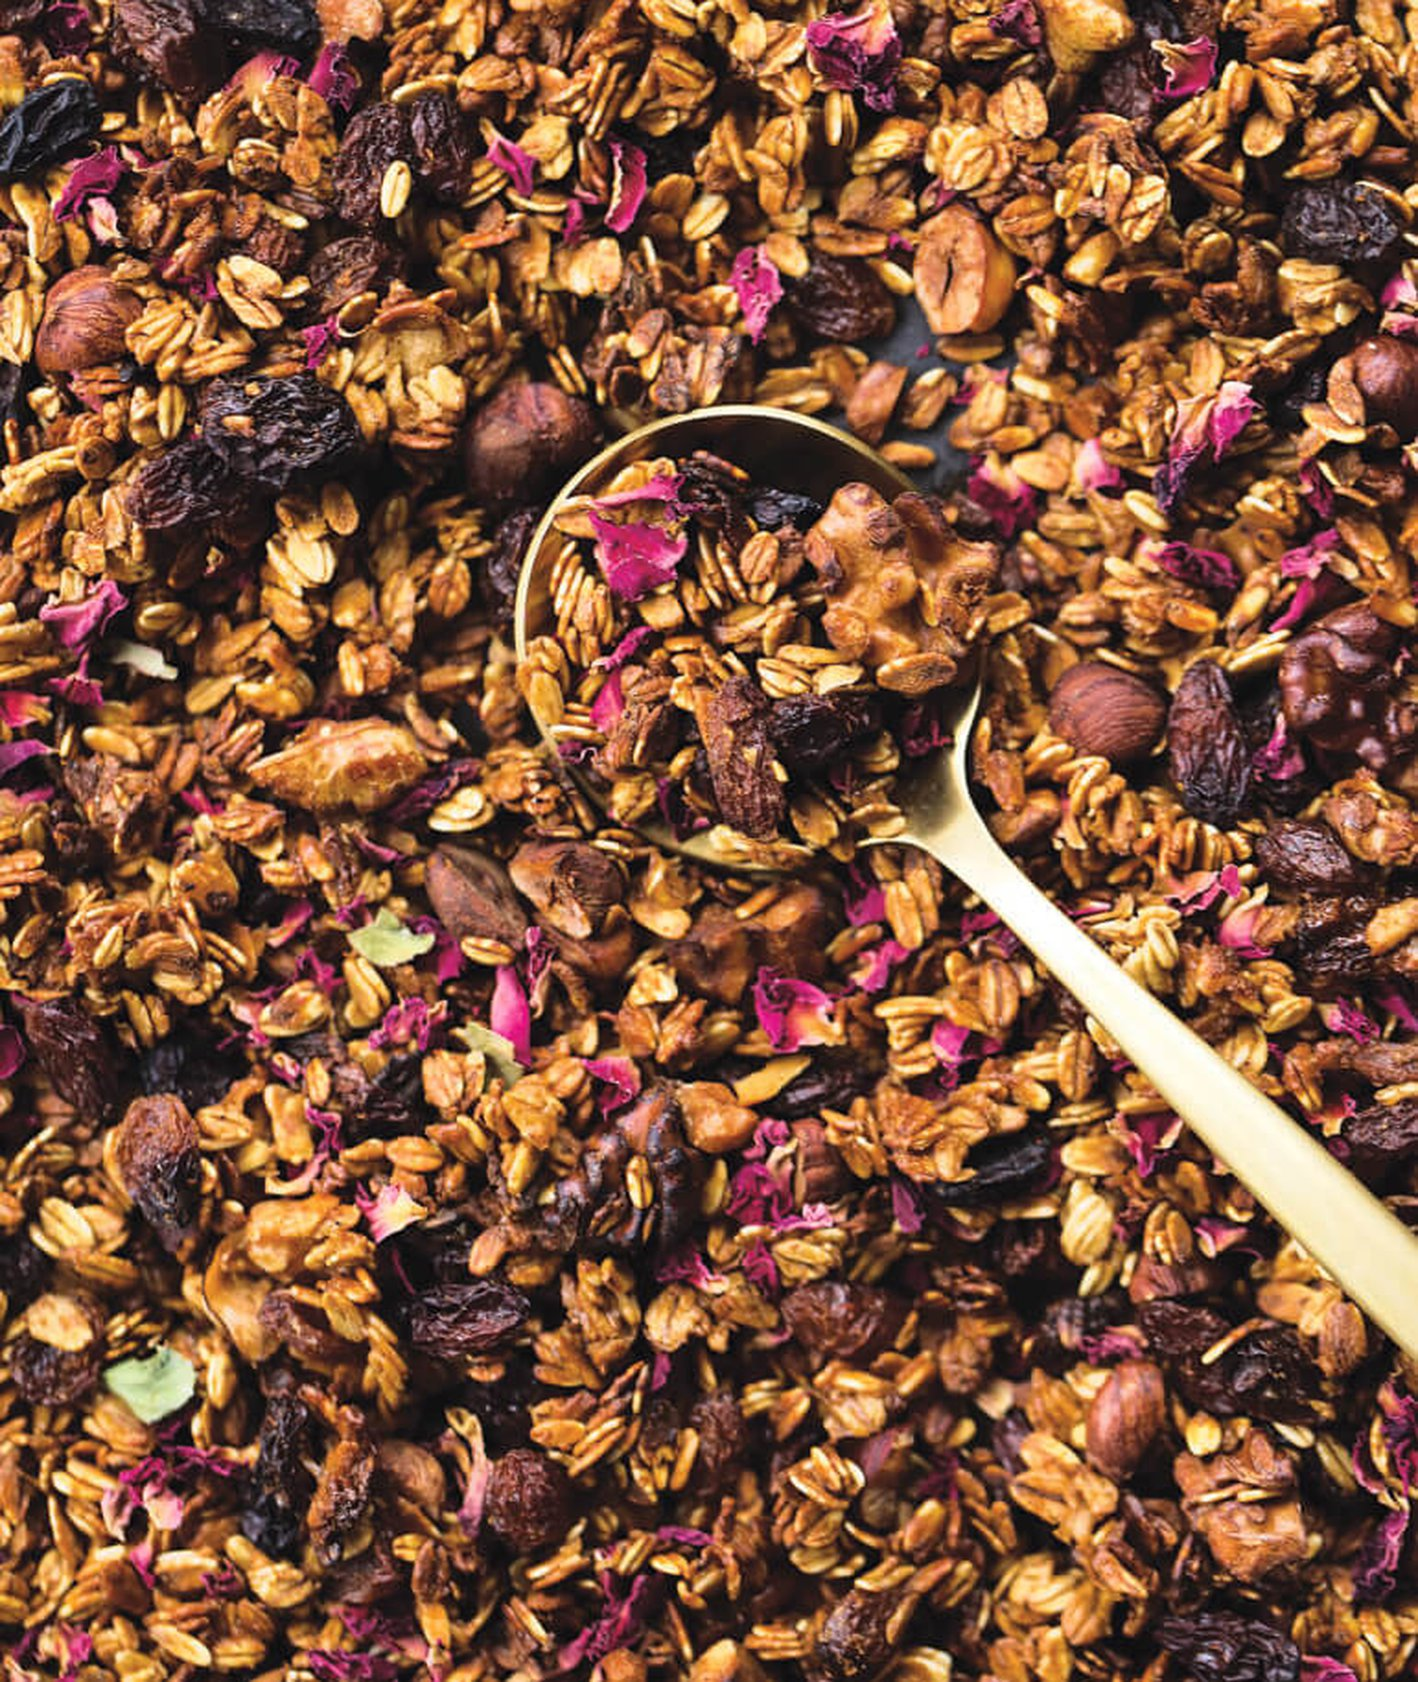 granola z wodą różaną, domowa granola, granola różana, granola z orzechami, granola z suszonymi owocami, granola z miodem, granola bez cukru, śniadanie na słodko, śniadaniowa granola, jak zrobić granolę